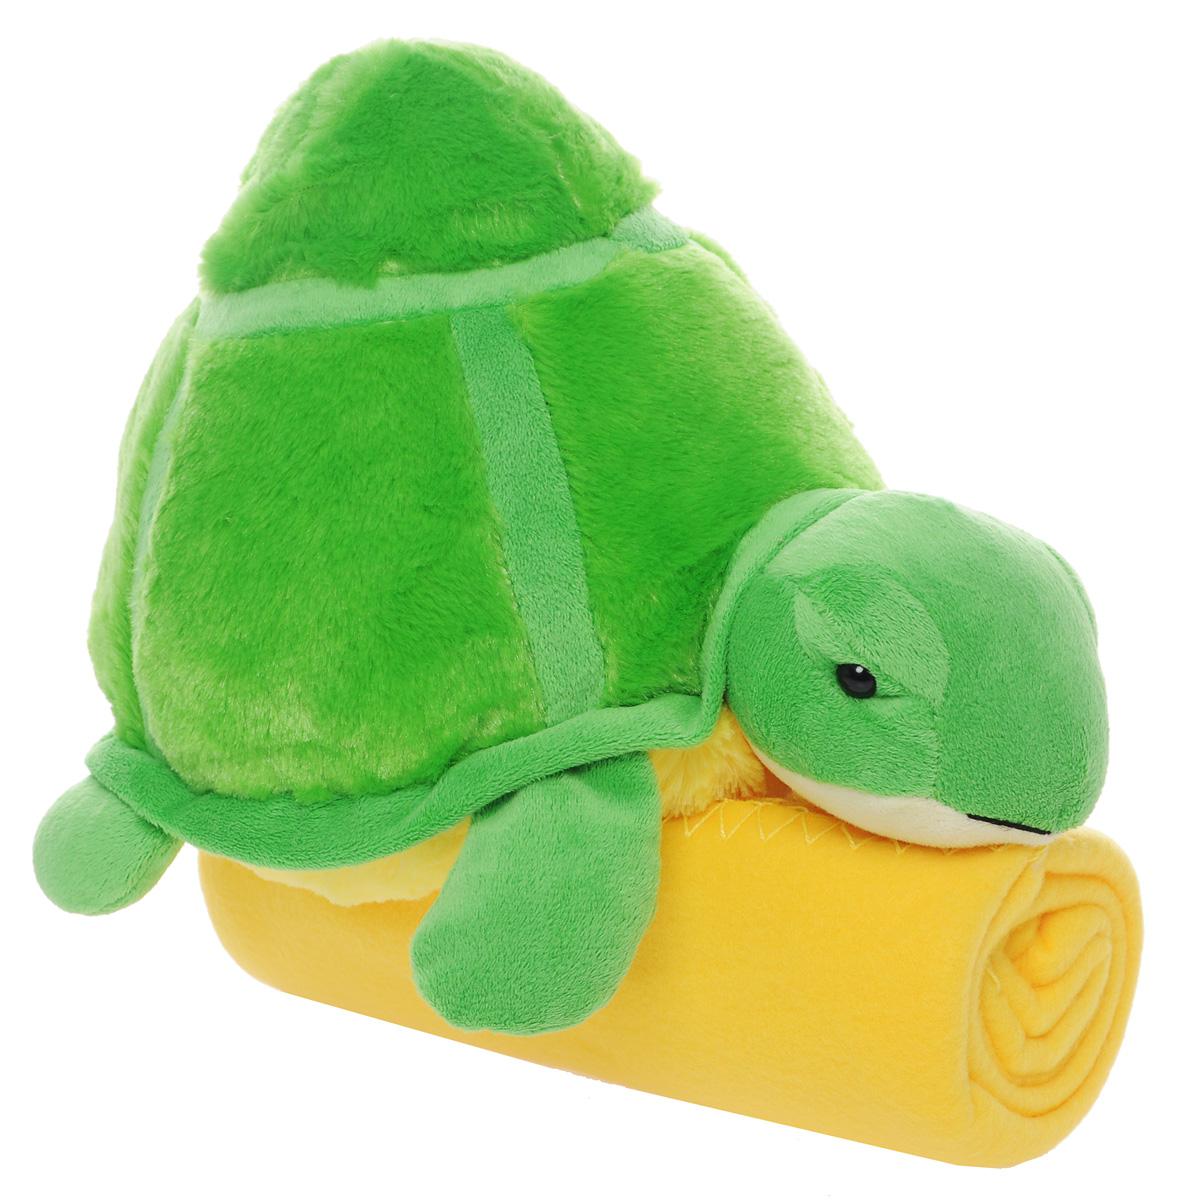 Набор Home Queen Черепашка: плед, игрушка, цвет: зеленый, желтый67427Набор Home Queen Черепашка состоит из мягконабивной игрушки и флисового пледа желтого цвета. Мягкий флисовый плед согреет в прохладные вечера и сделает ваш дом уютным. Плед не скатывается и не вызывает аллергии, легко стирается и быстро сохнет. Таким пледом можно уютно укрыться дома или взять с собой в путешествие. Игрушка в виде черепашки изготовлена из приятного на ощупь плюша с мягким синтепоном внутри. Может использоваться как подушка. Набор Home Queen Черепашка - интересный и полезный подарок для ребенка. Плед и игрушка прекрасно дополнят интерьер детской и порадуют вашего малыша.